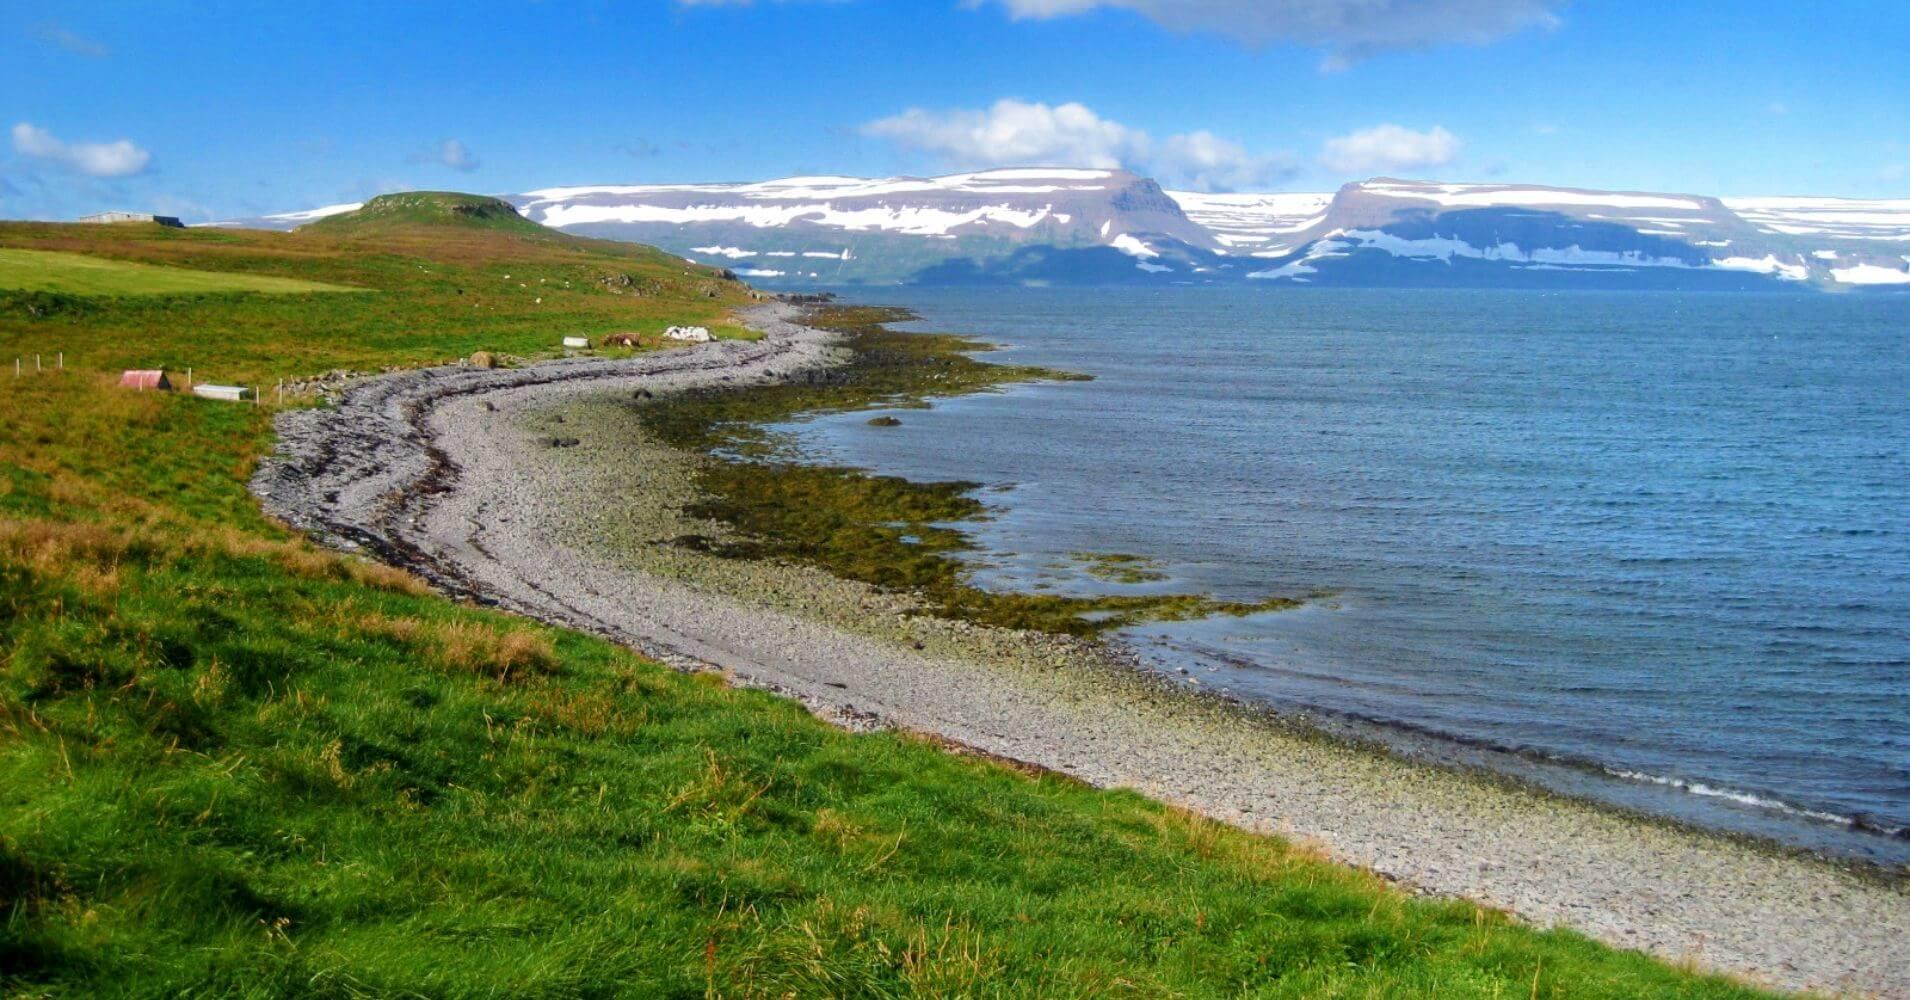 Paisaje de Isla Vigur. Ísafjörður. Vestfirðir. Islandia.